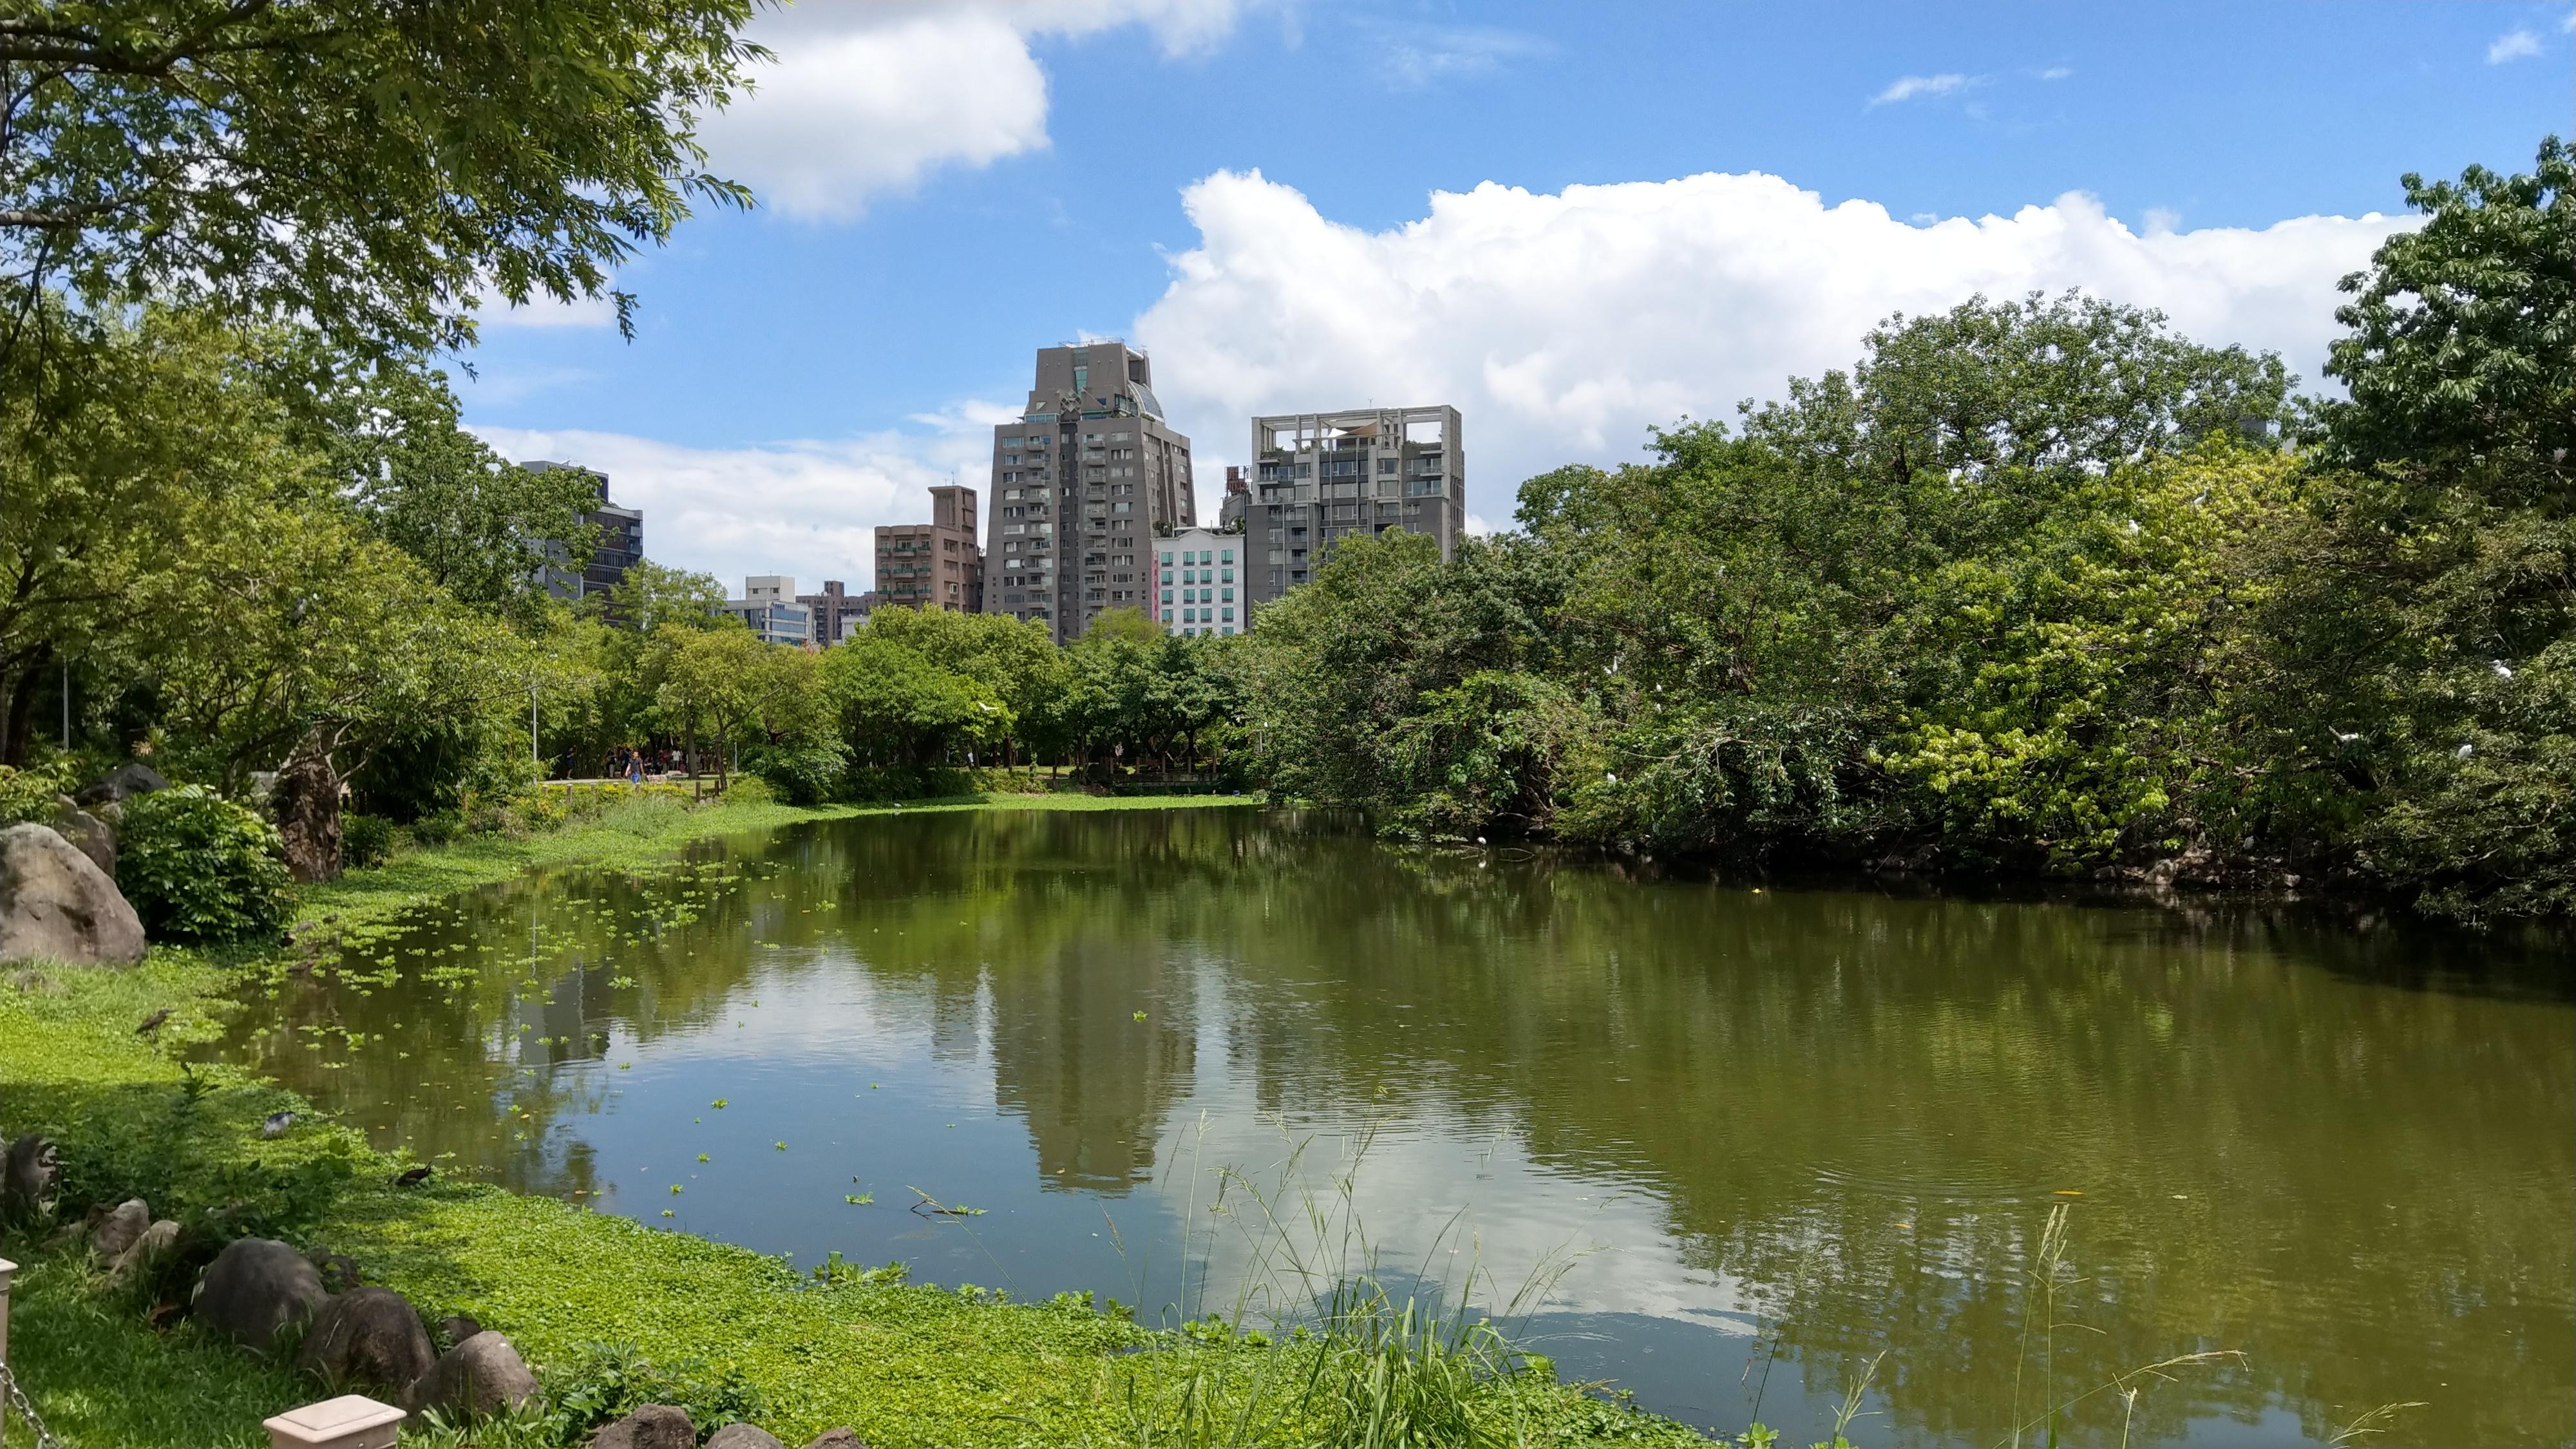 Taipei Daan Park - Ecological Pool - 20180805 - 02.jpg